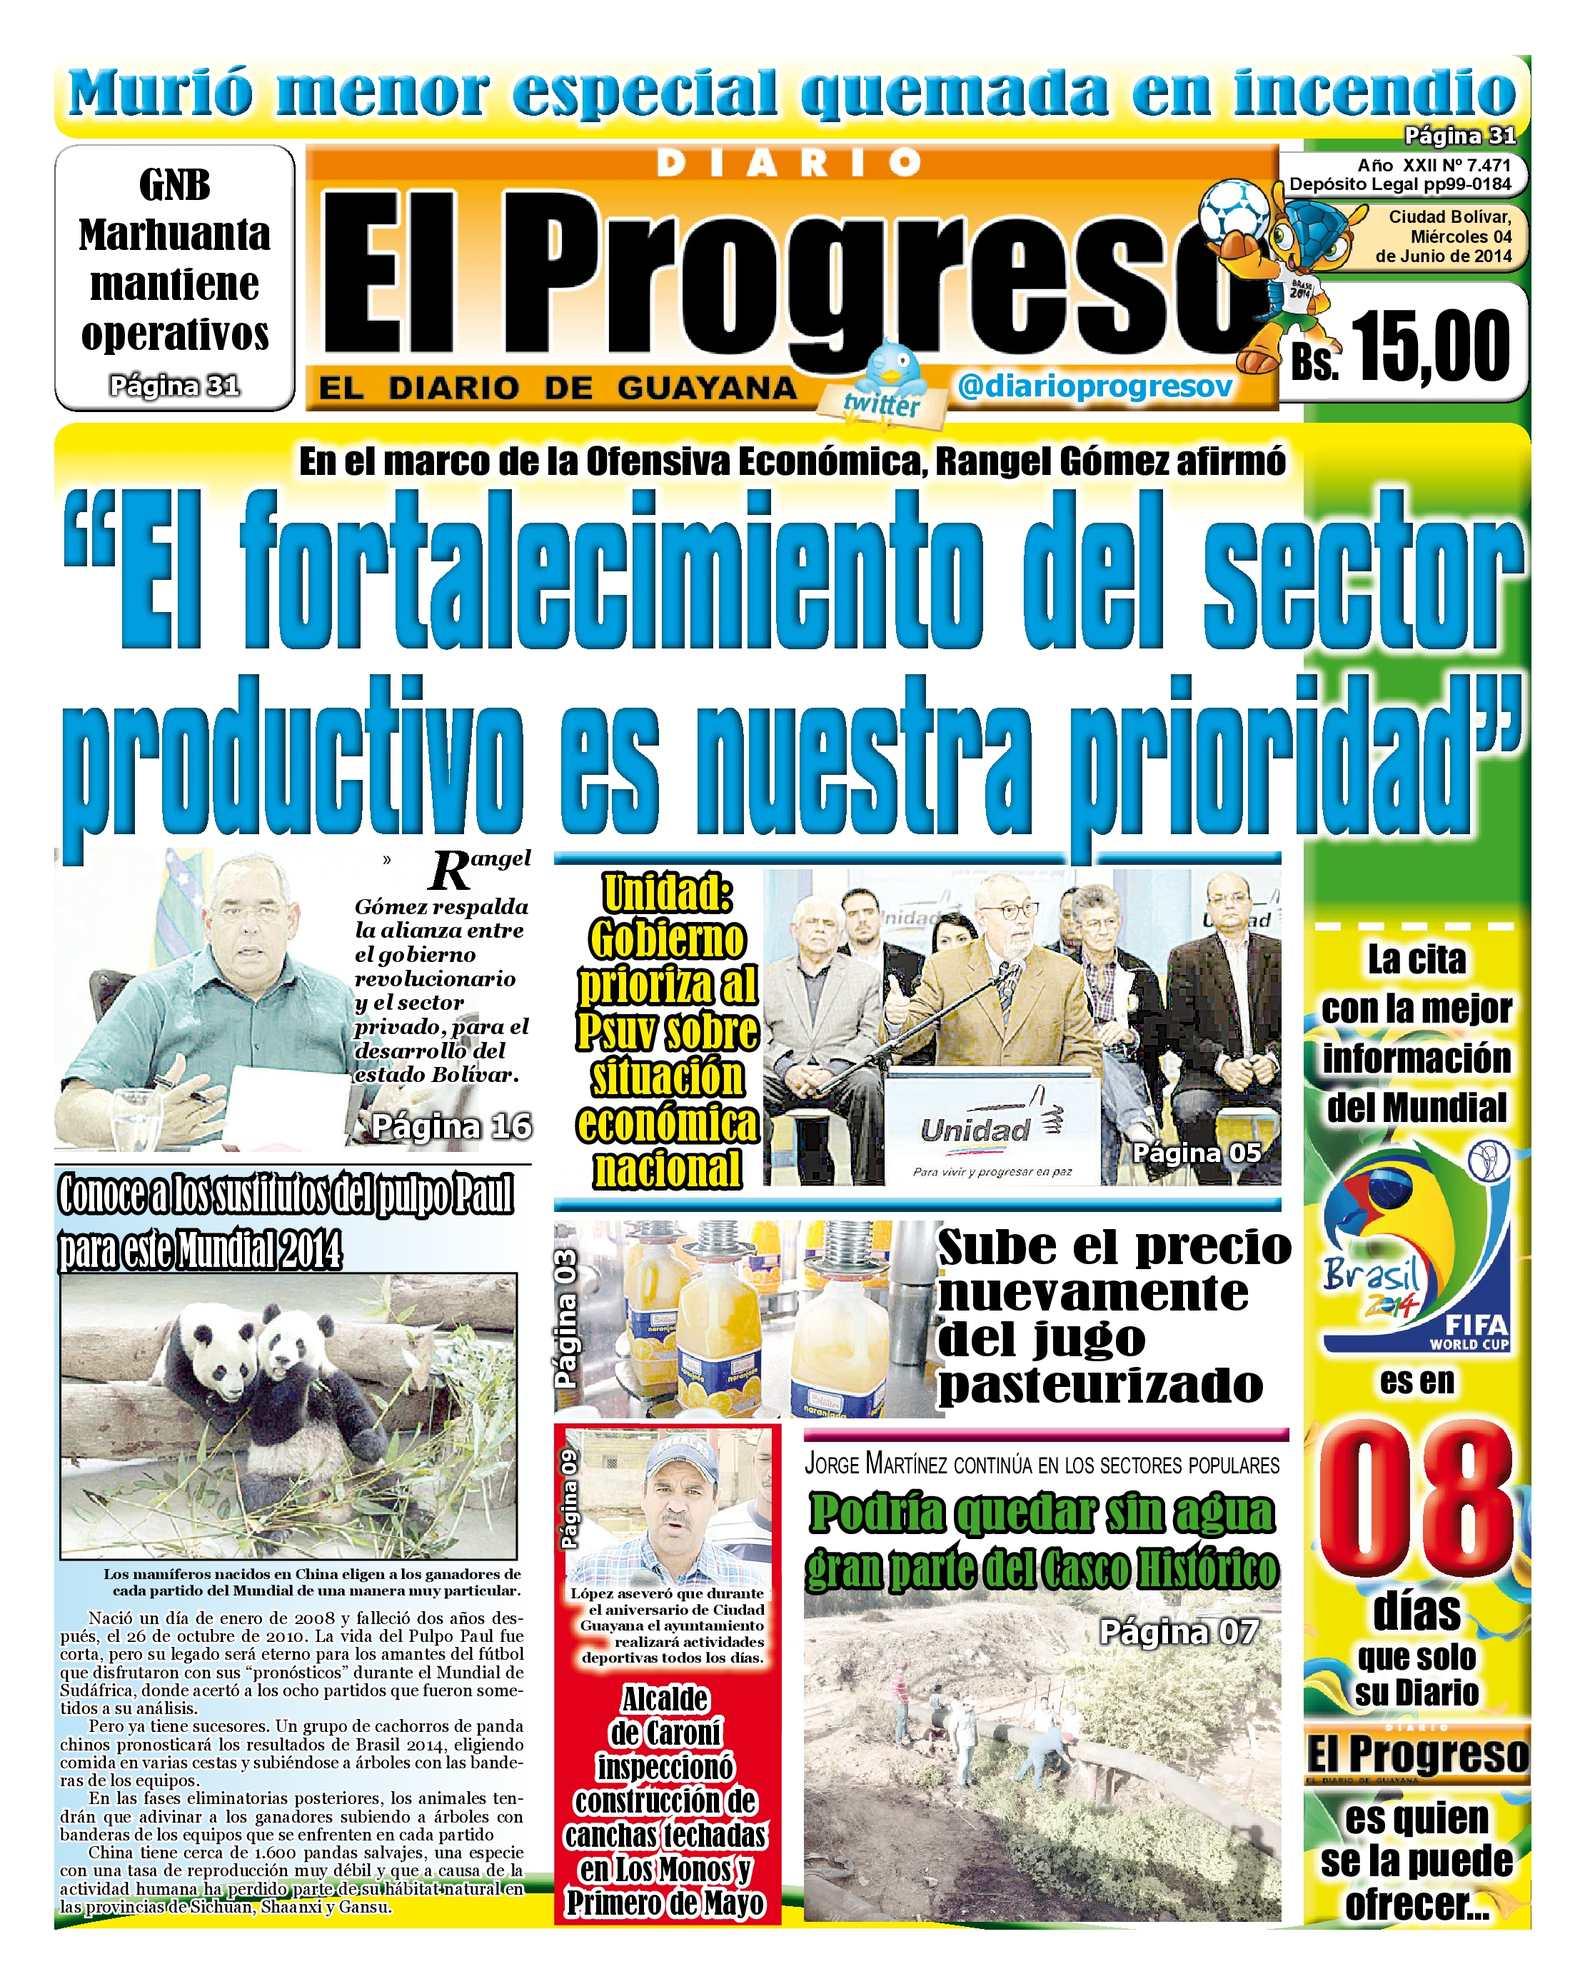 Calaméo - DIARIO EL PROGRESO EDICIÓN DIGITAL 04-06-2014